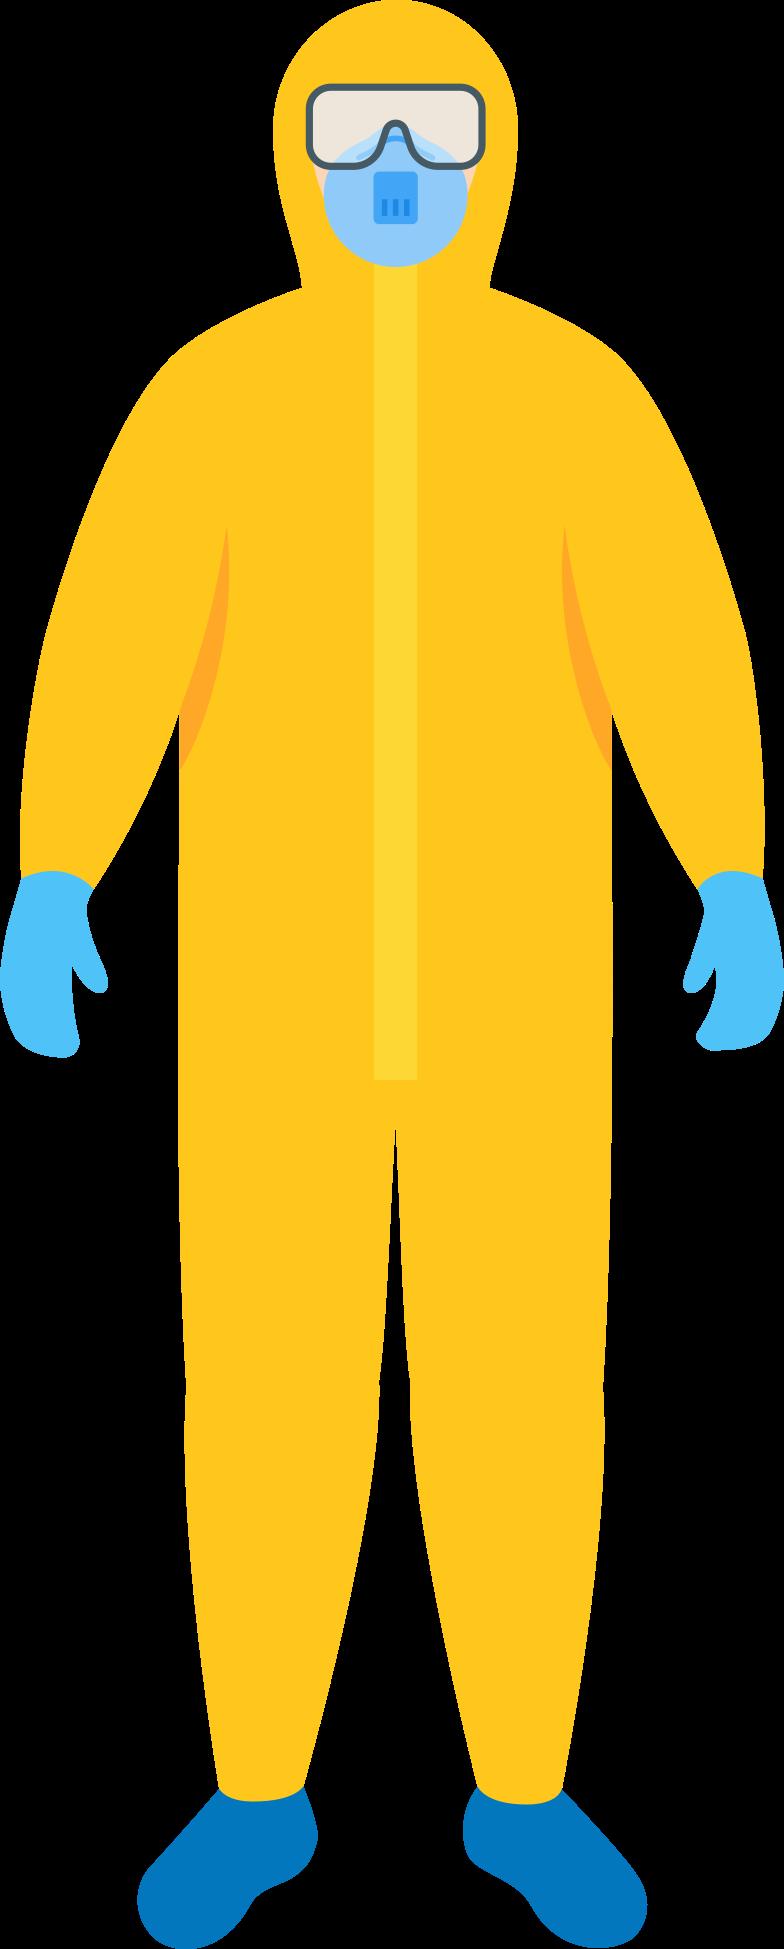 스타일 안전 마스크와 고글을 착용 한 보호 복 PNG 및 SVG 형식의 벡터 이미지 | Icons8 일러스트레이션